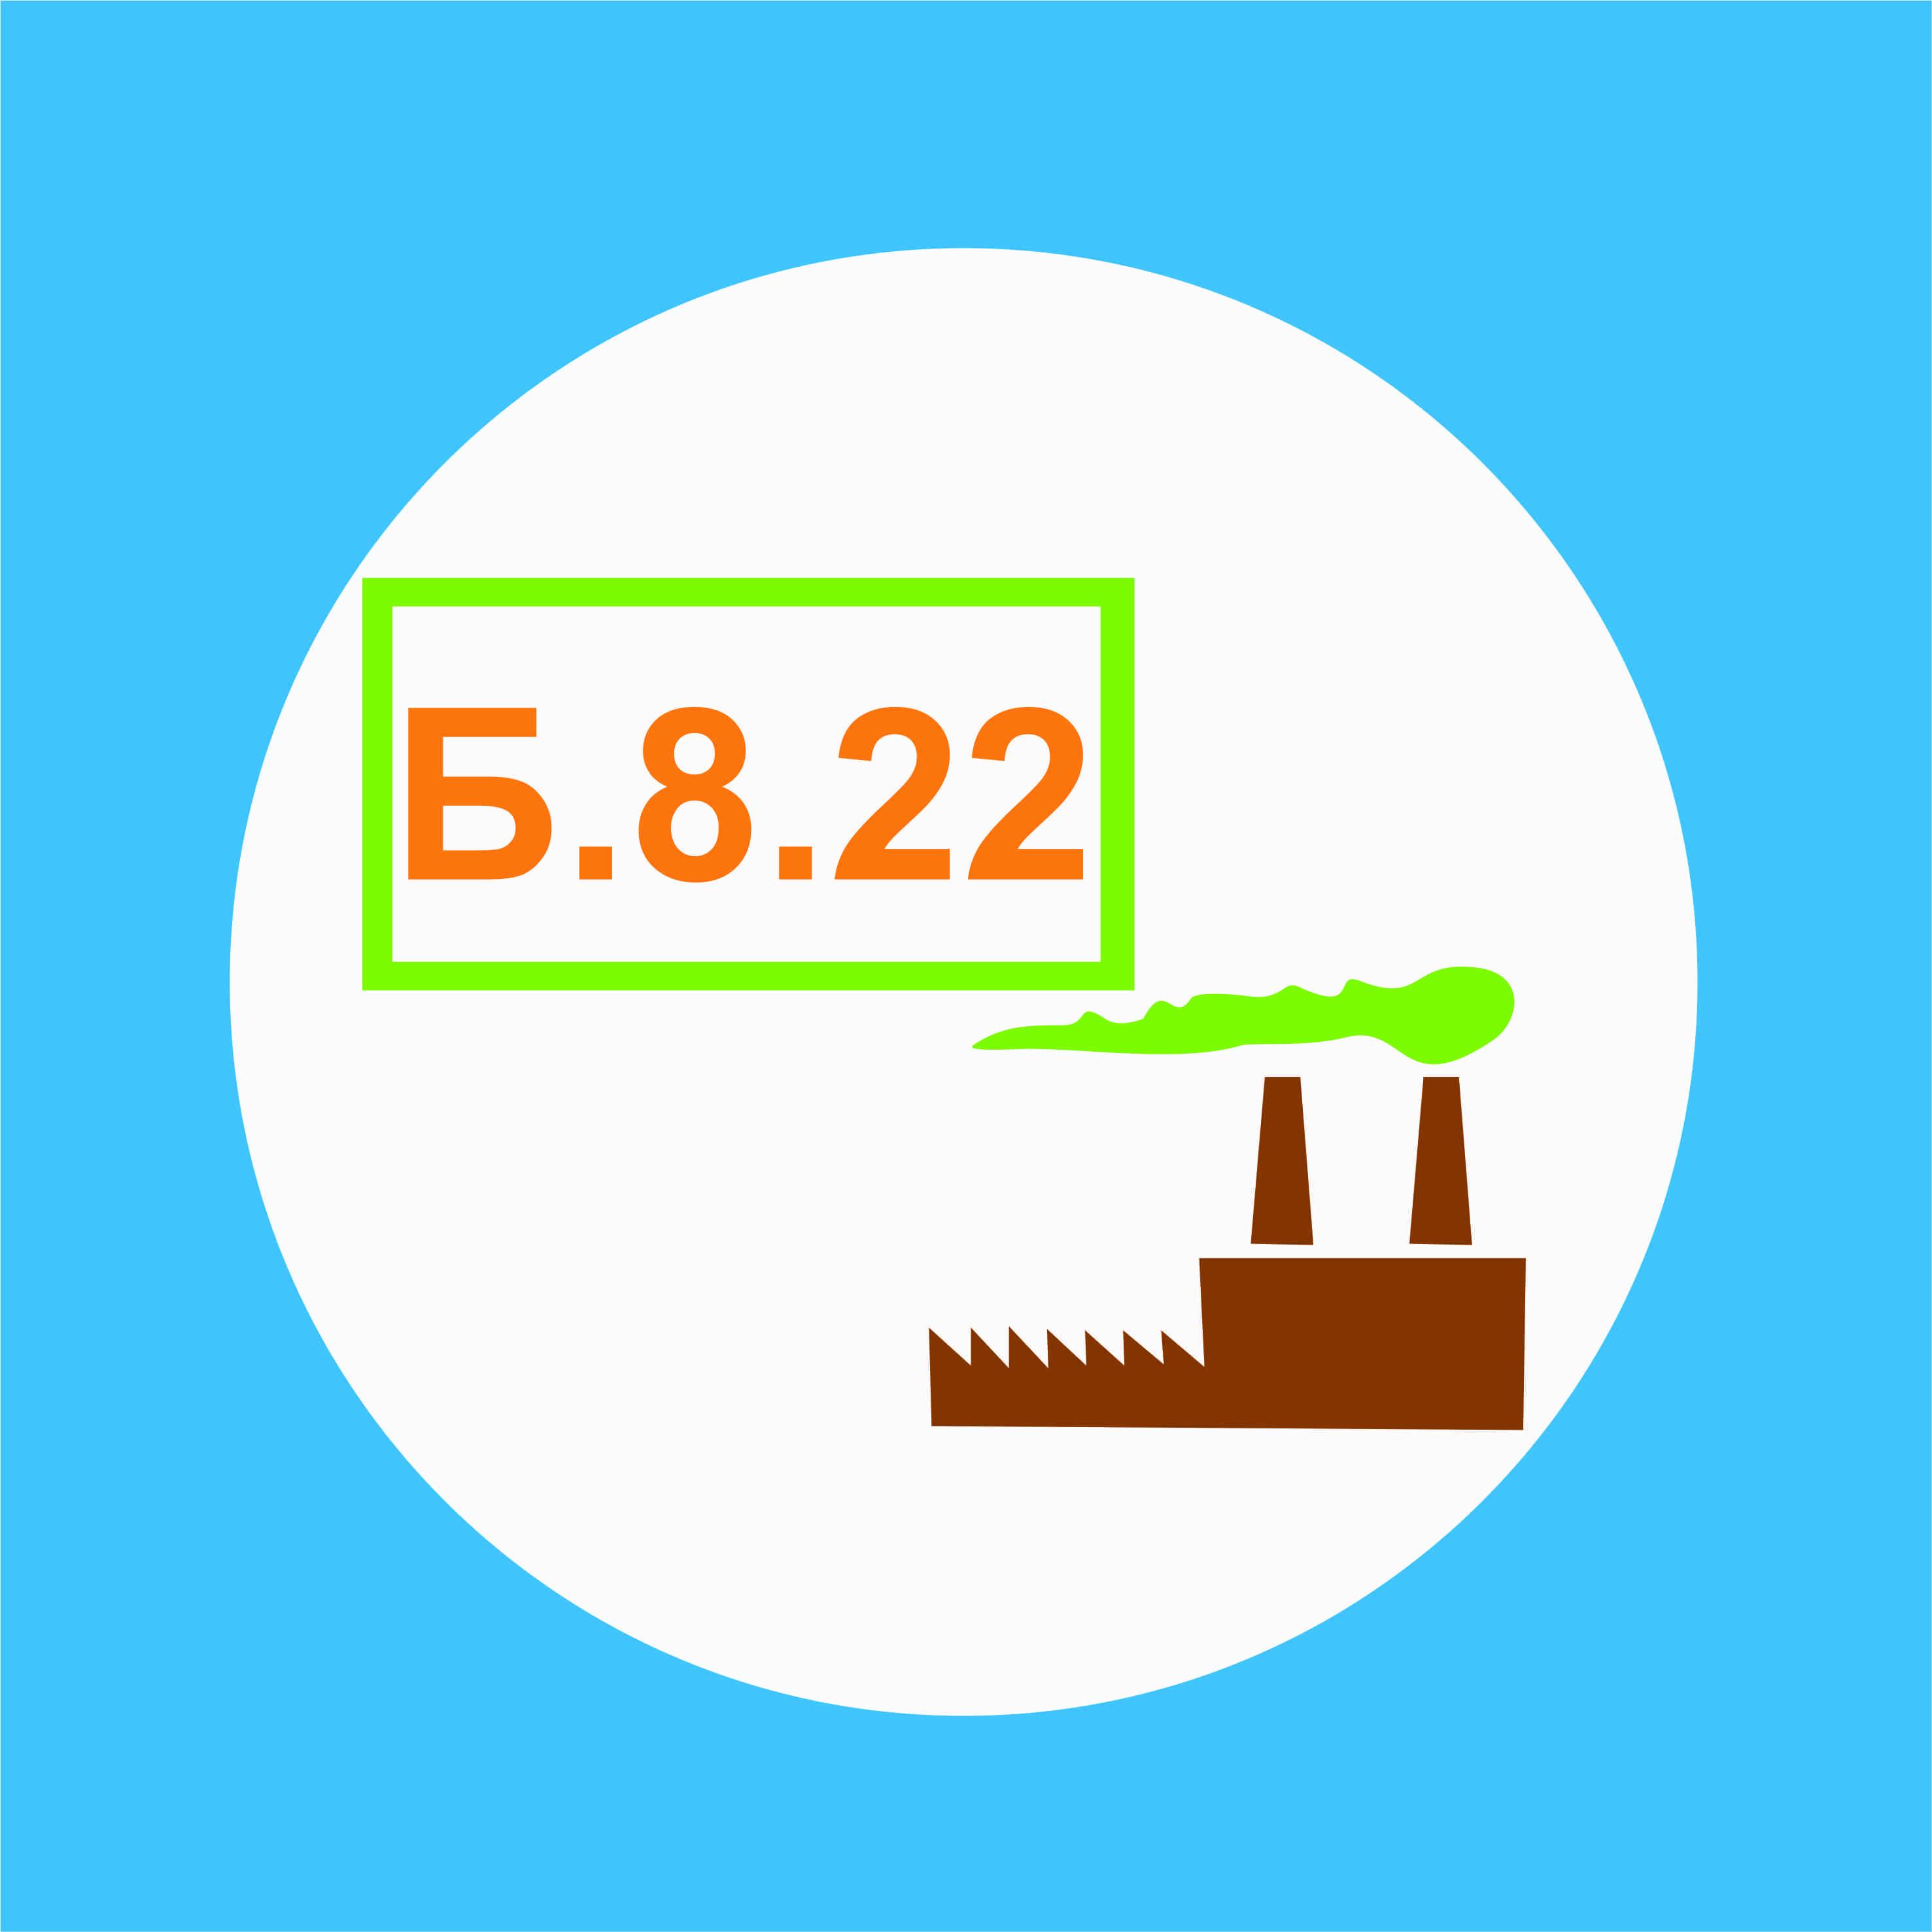 Б.8.22 Эксплуатация трубопроводов пара и горячей воды на опасных производственных объектах